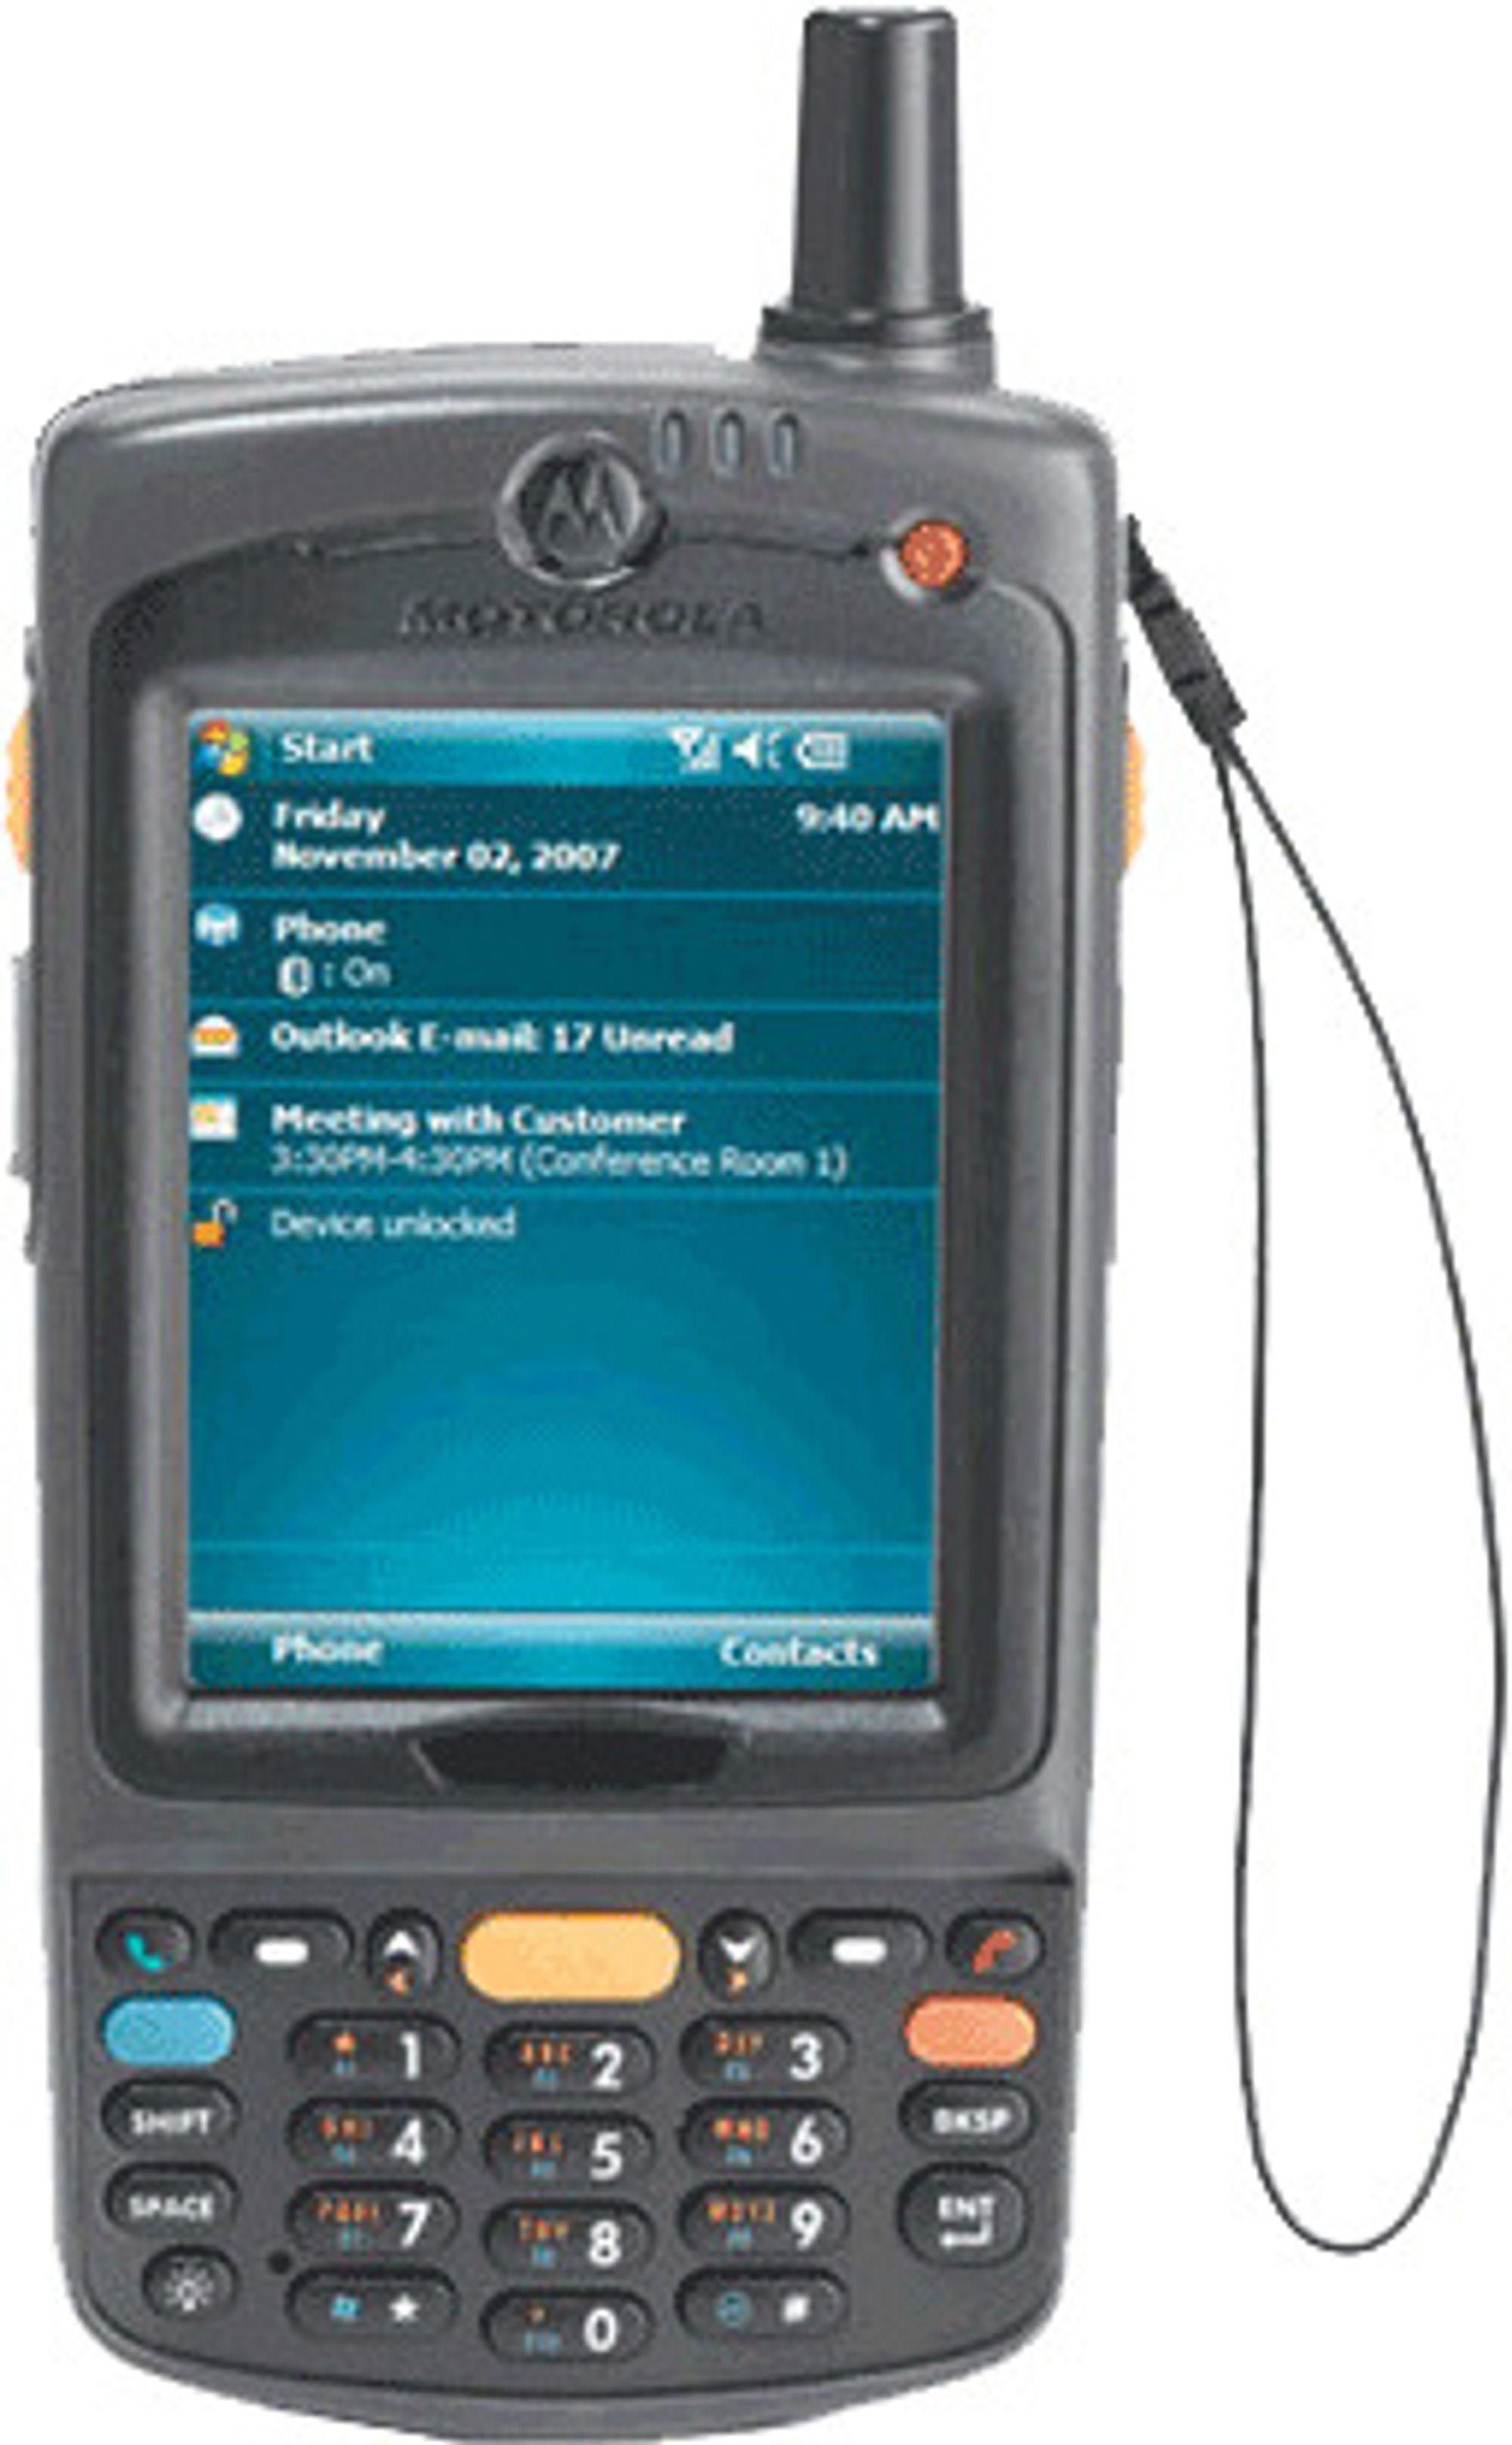 Motorola MC75 tåler støt, støv og vann, og har avansert datafangst, sikkerhet og samband. Den er samtidig nesten tre ganger så tung som en iPhone.